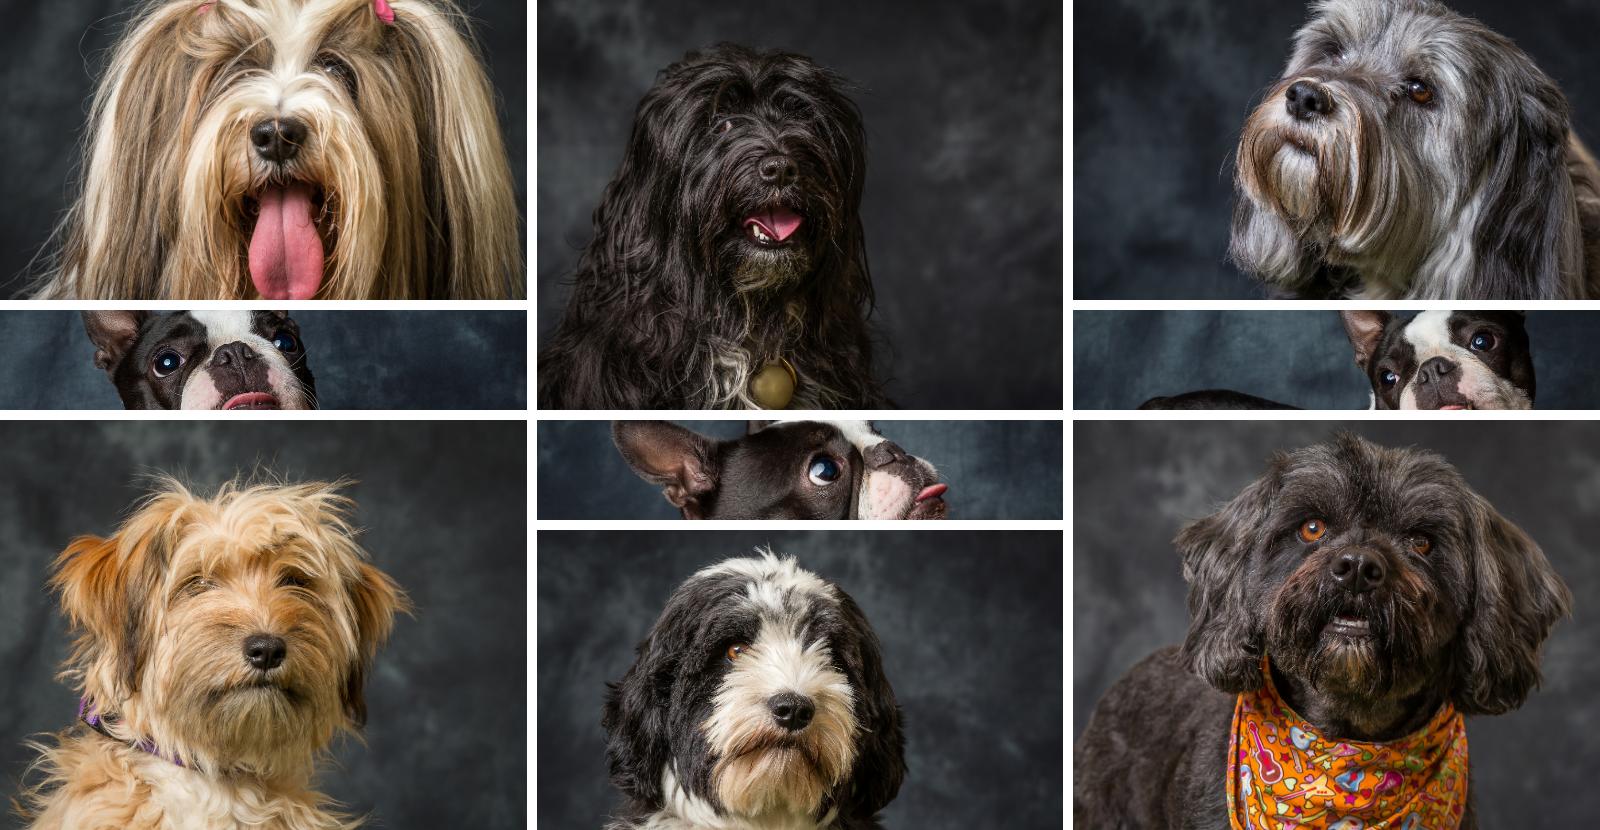 Lots of variety in terriers